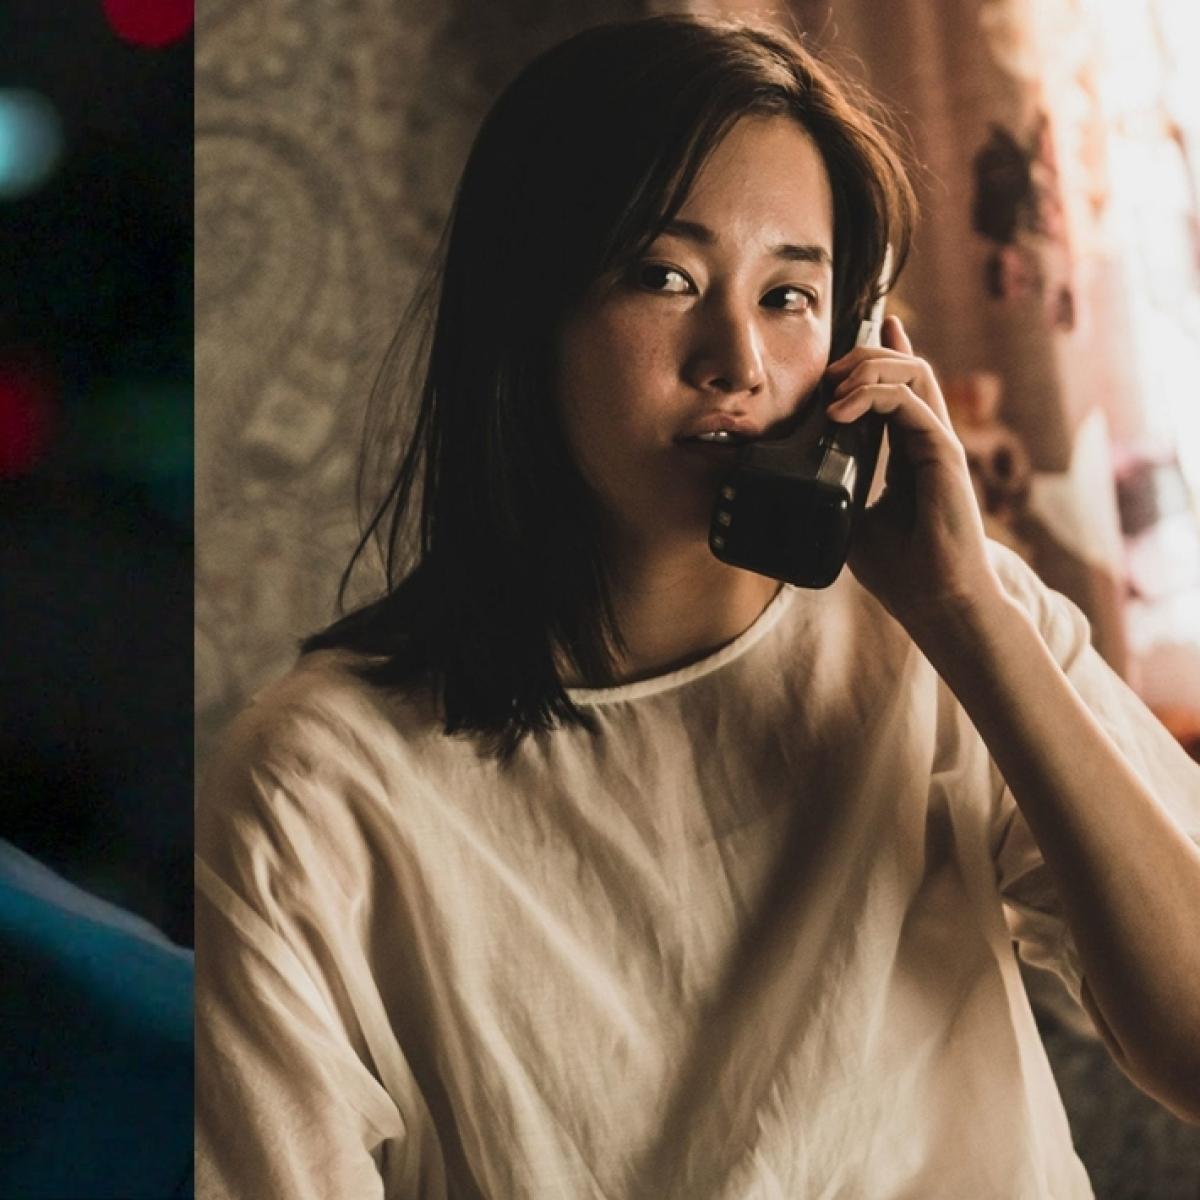 'Money Heist' Korean Remake: Yoo Ji Tae as 'Professor', Jeon Jong Seo as 'Tokyo'- who will play what